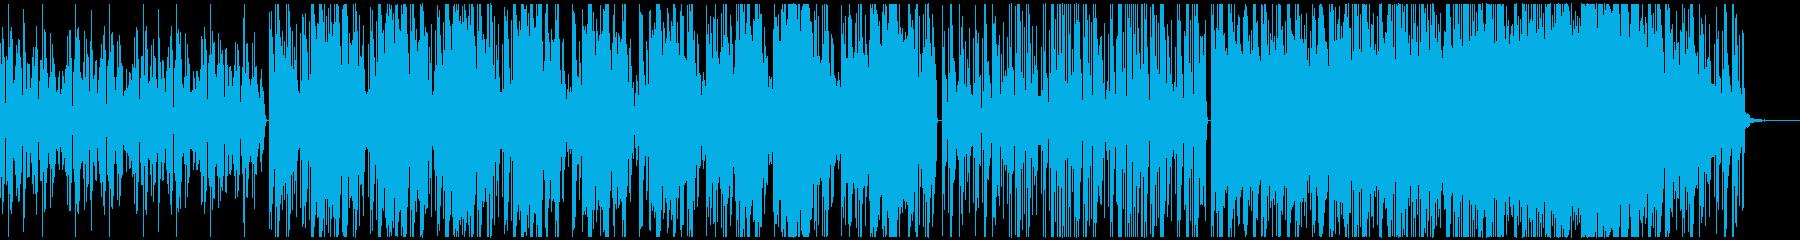 おしゃれ・癒し・チルアウトなトラップの再生済みの波形